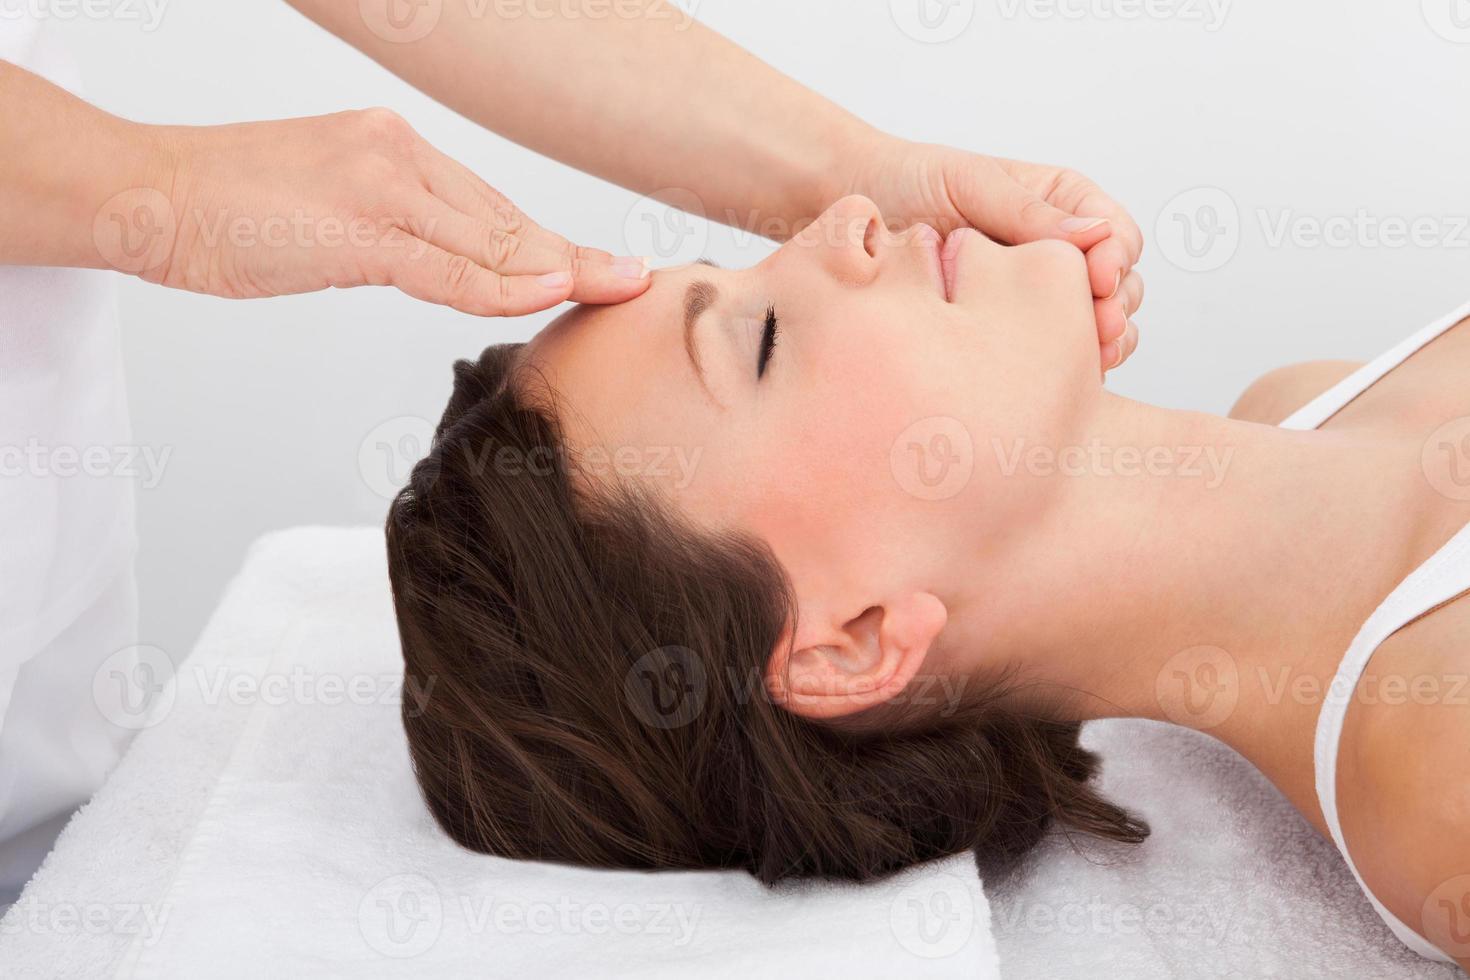 femme recevant un massage en position couchée photo